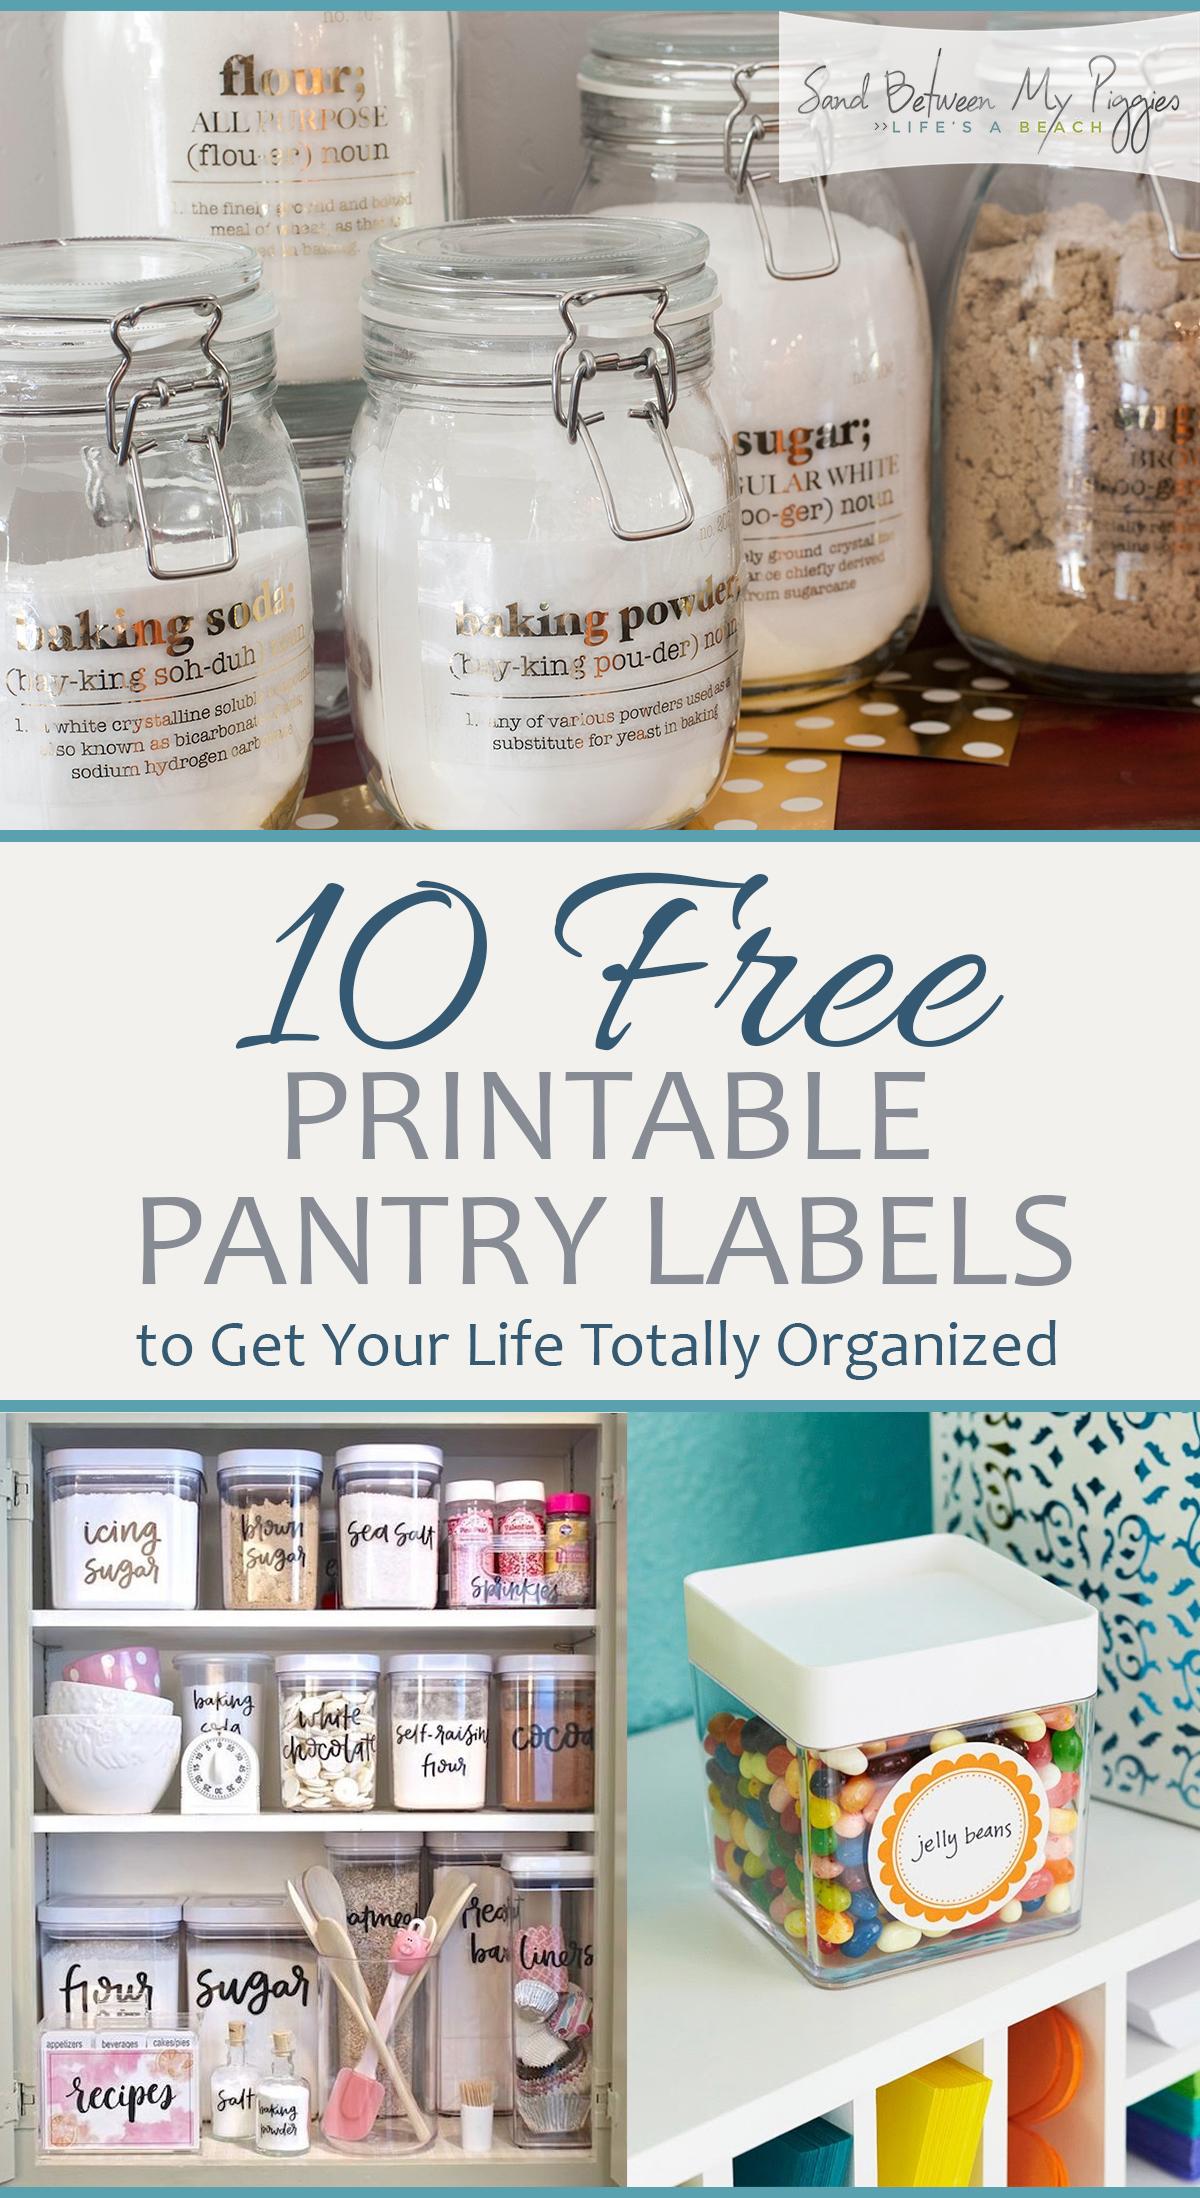 Pantry Labels, Printable Pantry Labels, Printables, Free Printables, Free Organization Printables, Organization, Home Organization Tips, Clutter Free Home, Clutter Free Kitchen